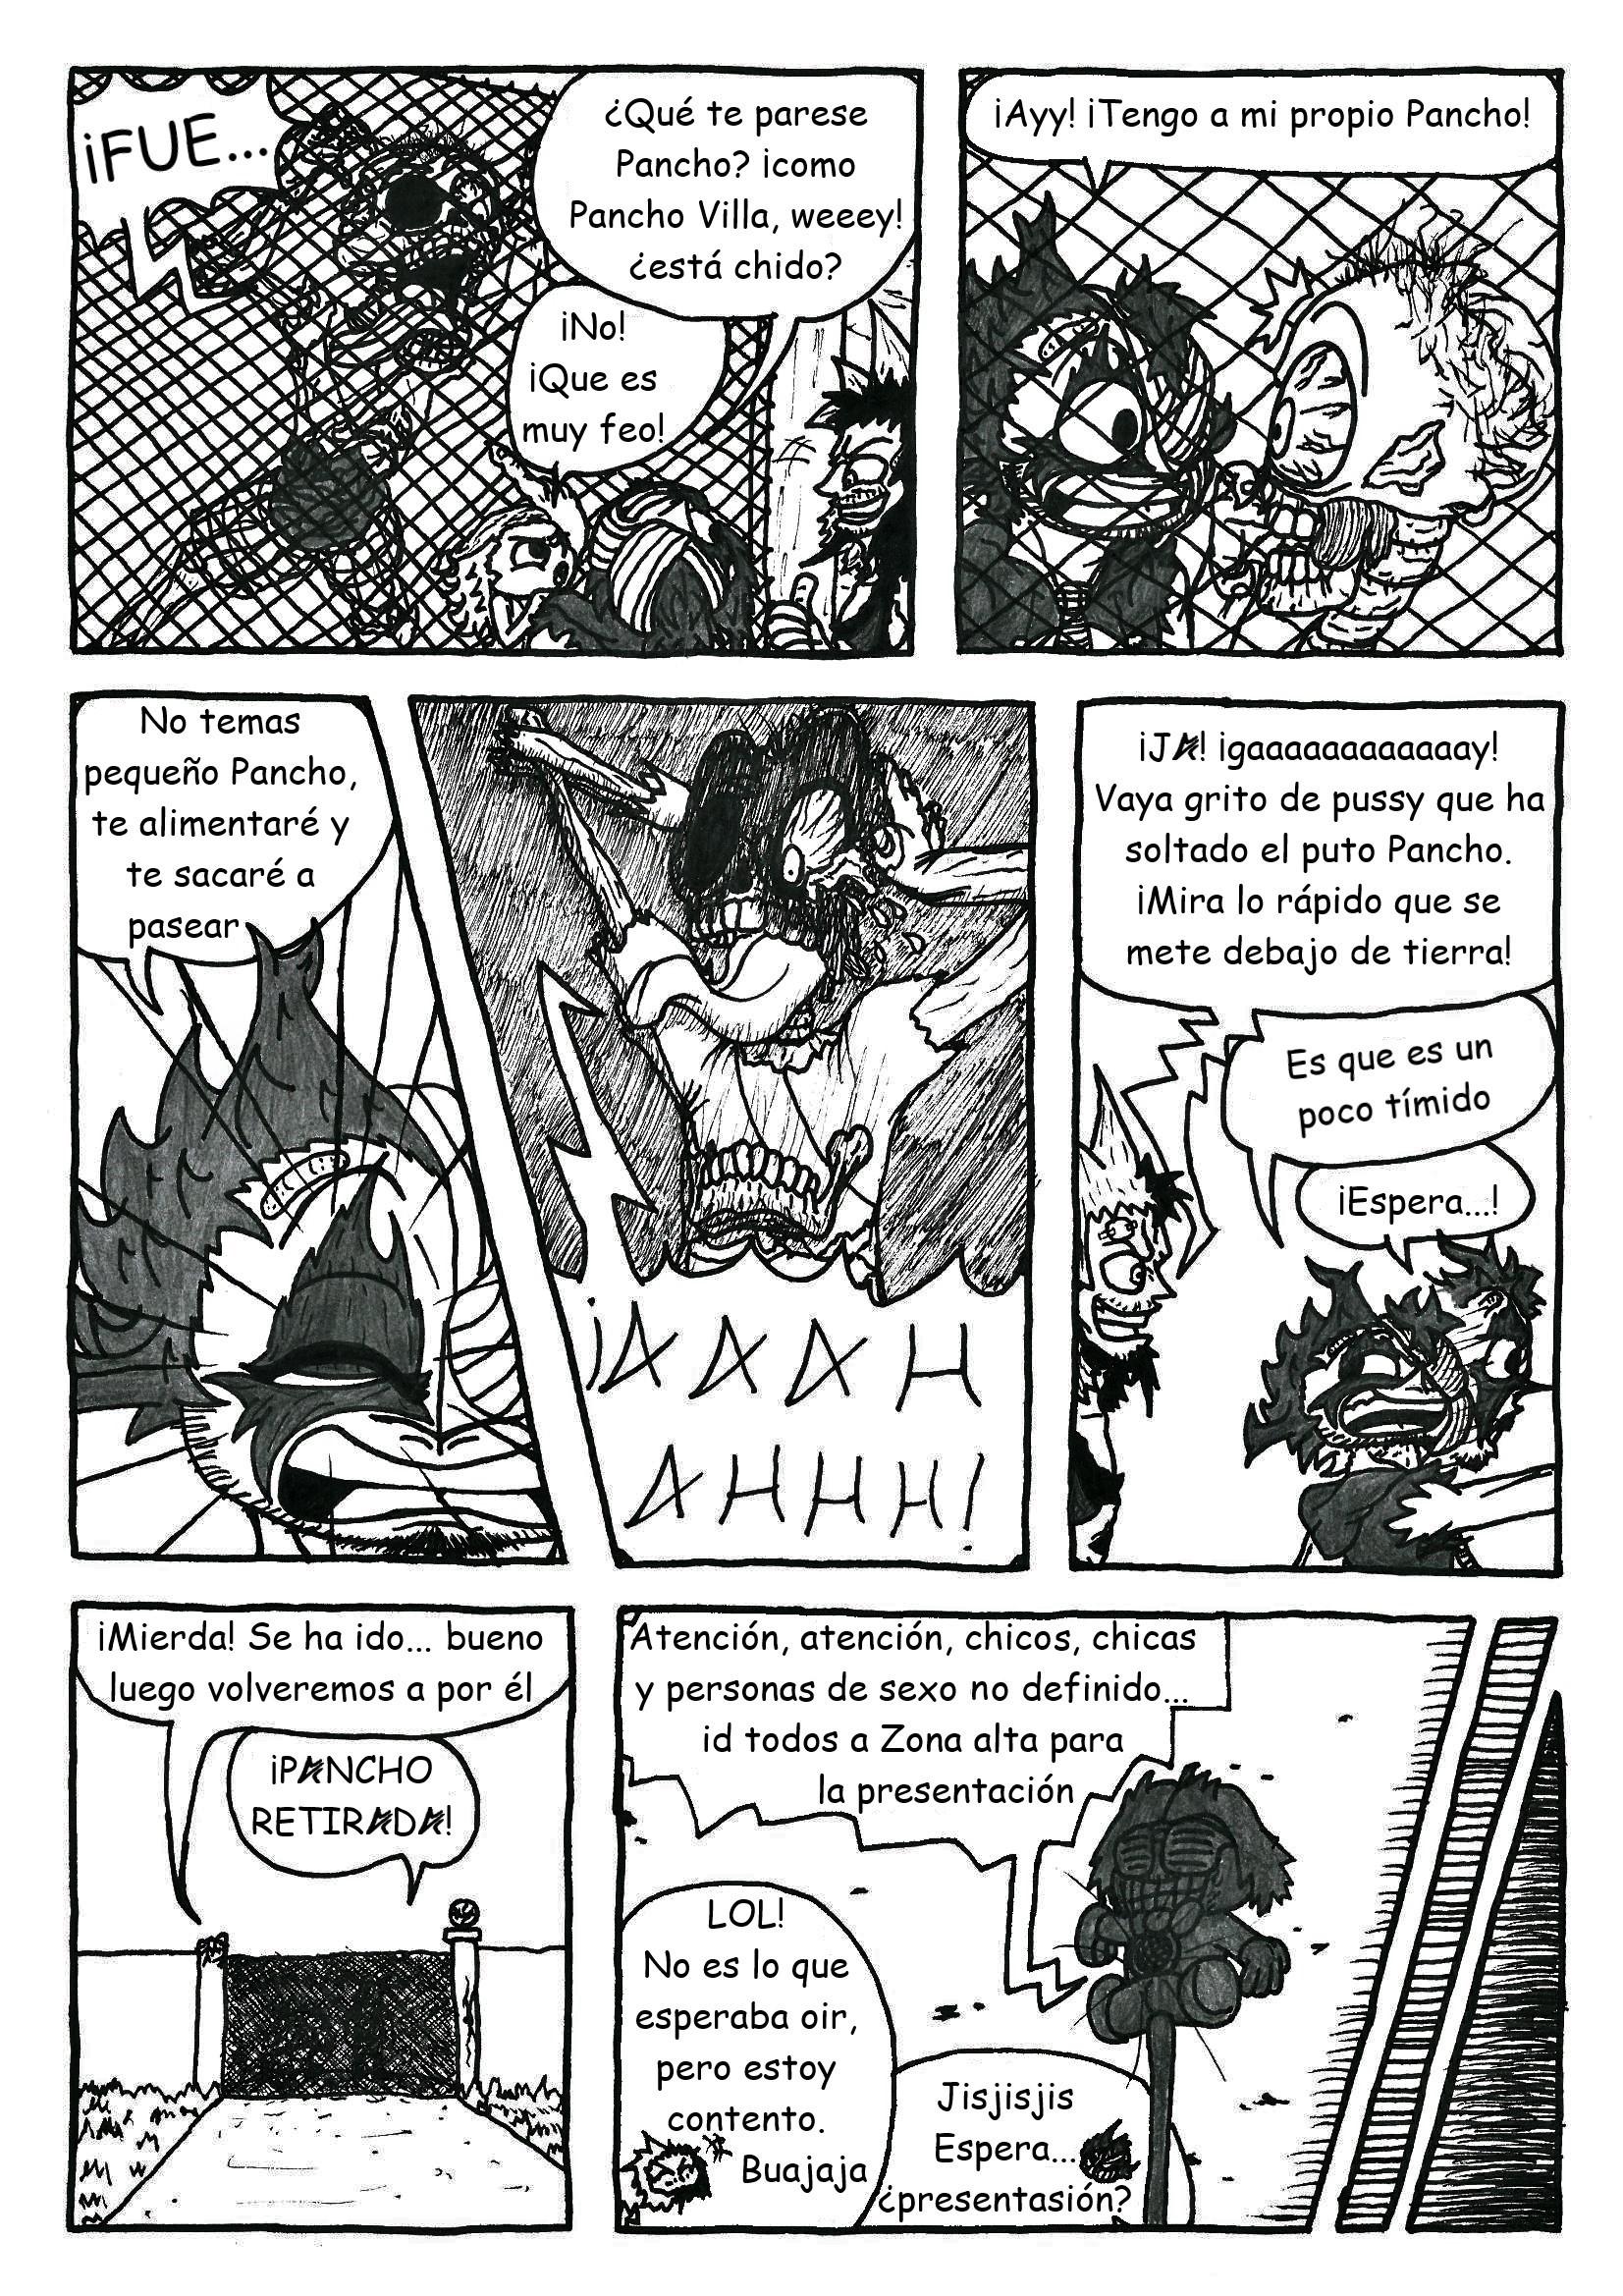 Avatar_02_J_Angel_Casado_Fuster_pagina00032